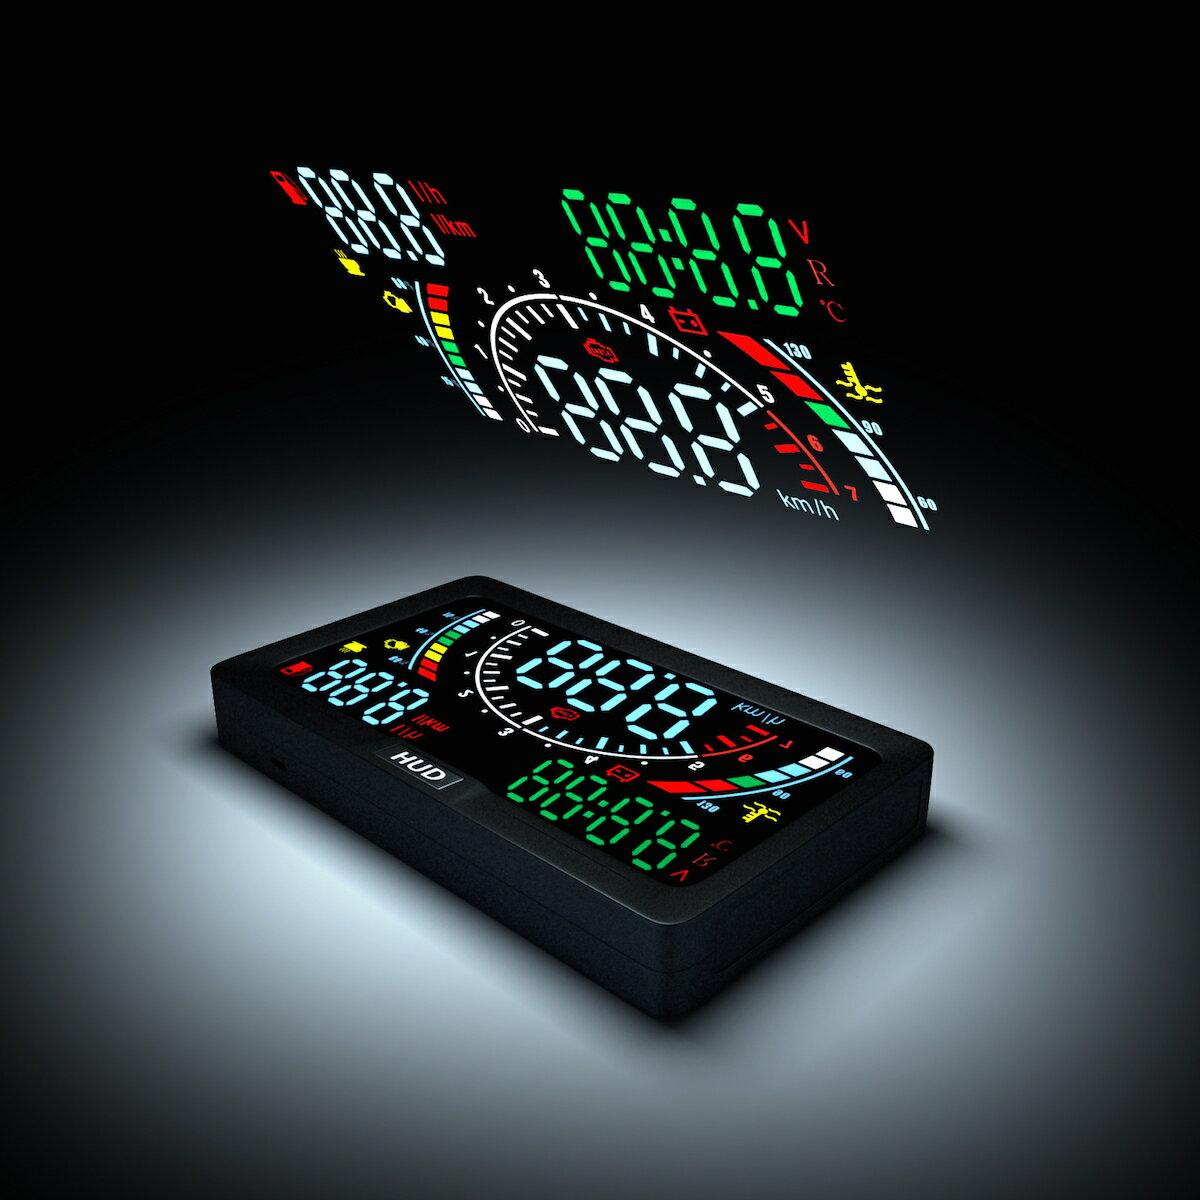 【哈默爾市集】蝴蝶機 HL-A200 OBD2 HUD 多功能抬頭顯示器